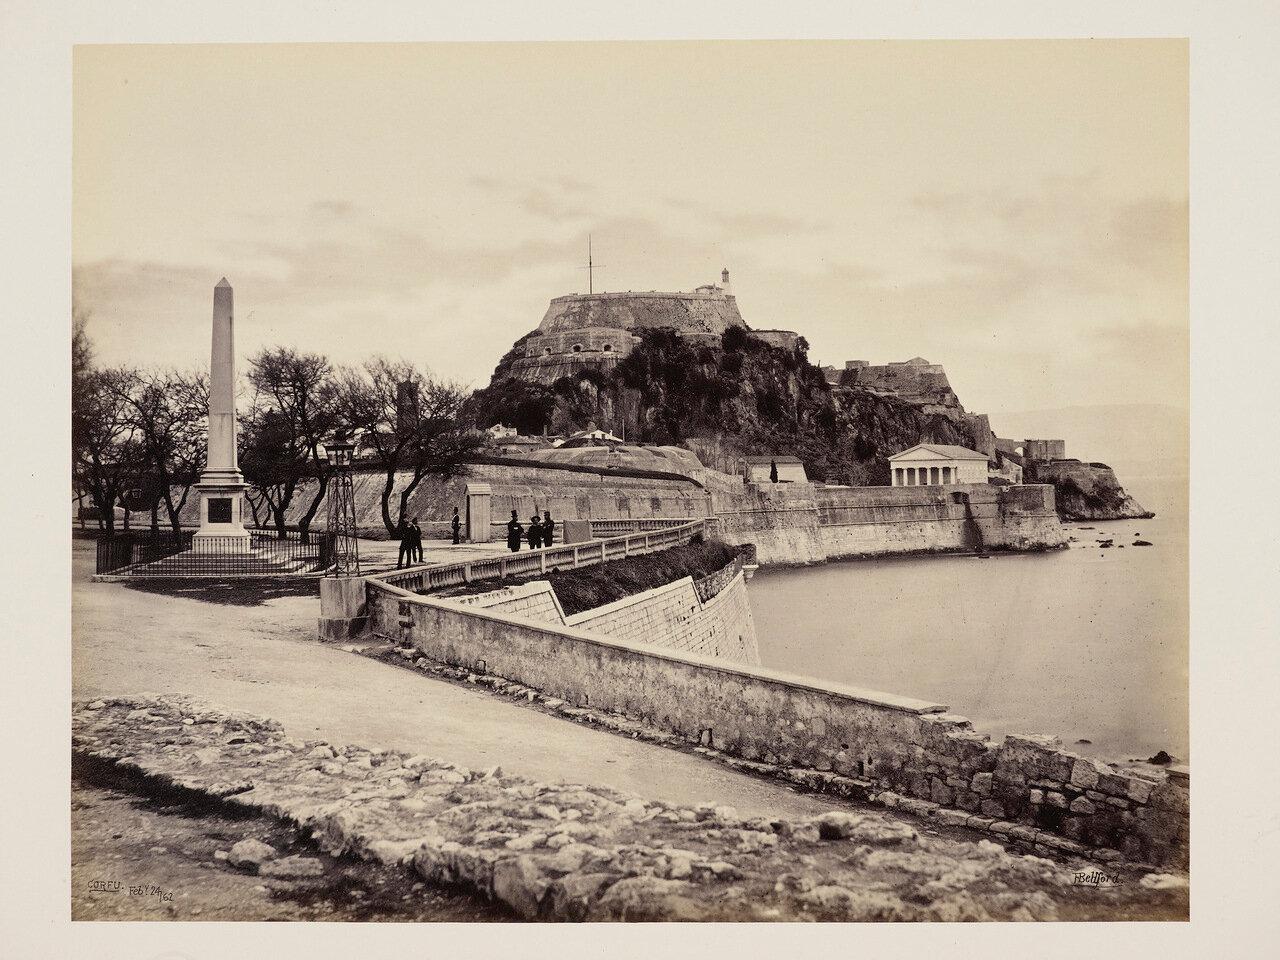 24 февраля 1852. Цитадель. Англиканская церковь и обелиск сэра Говарда Дугласа. Корфу